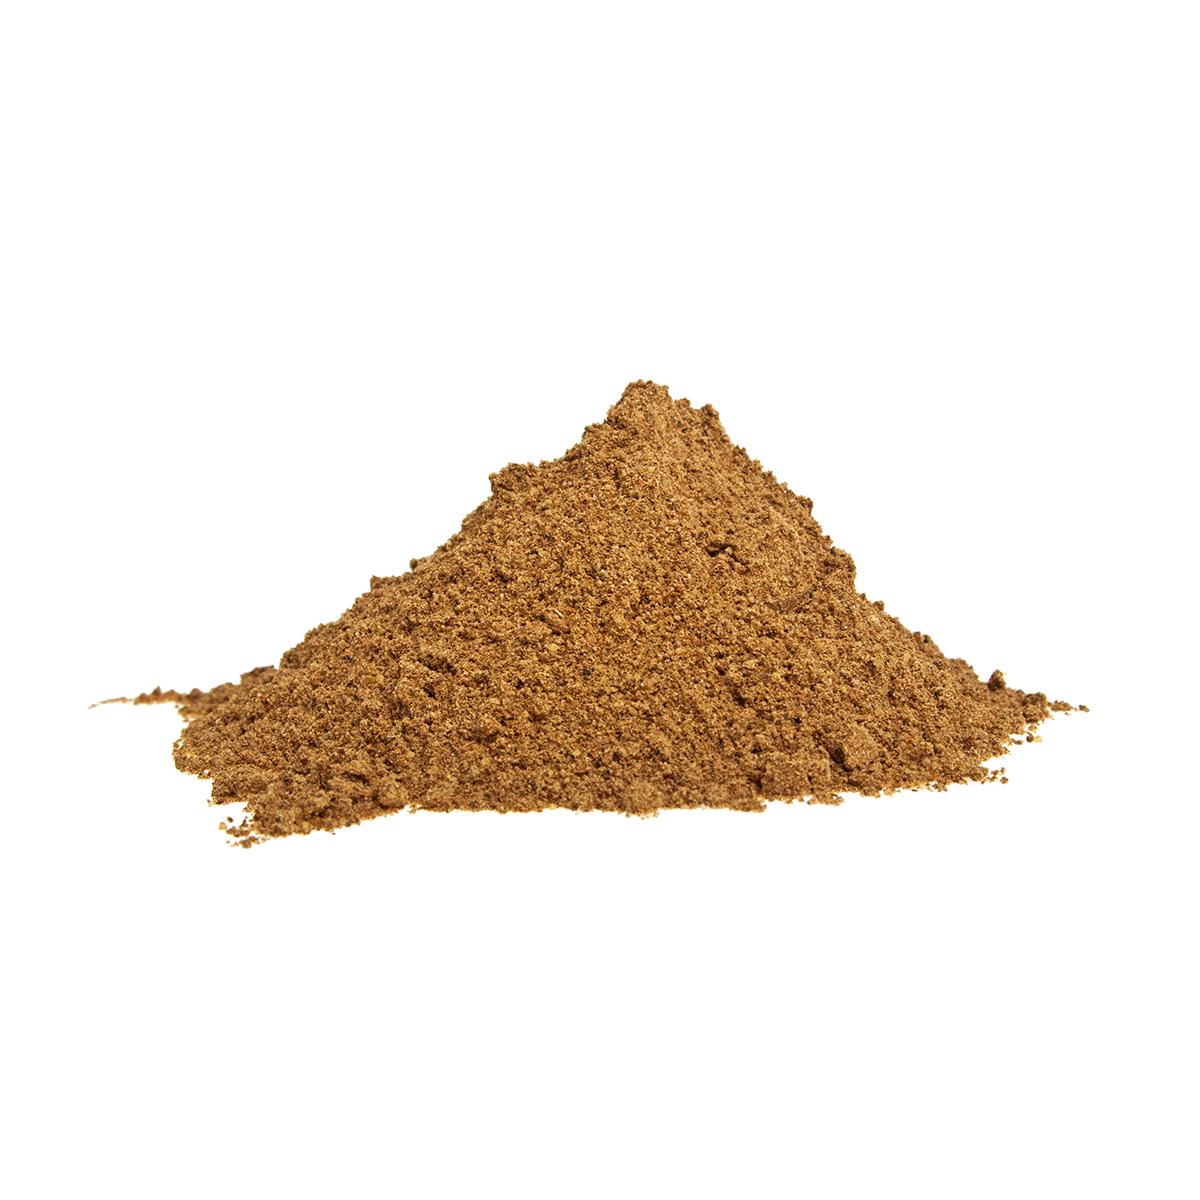 cinnamon.486558958.1200x1200.jpg